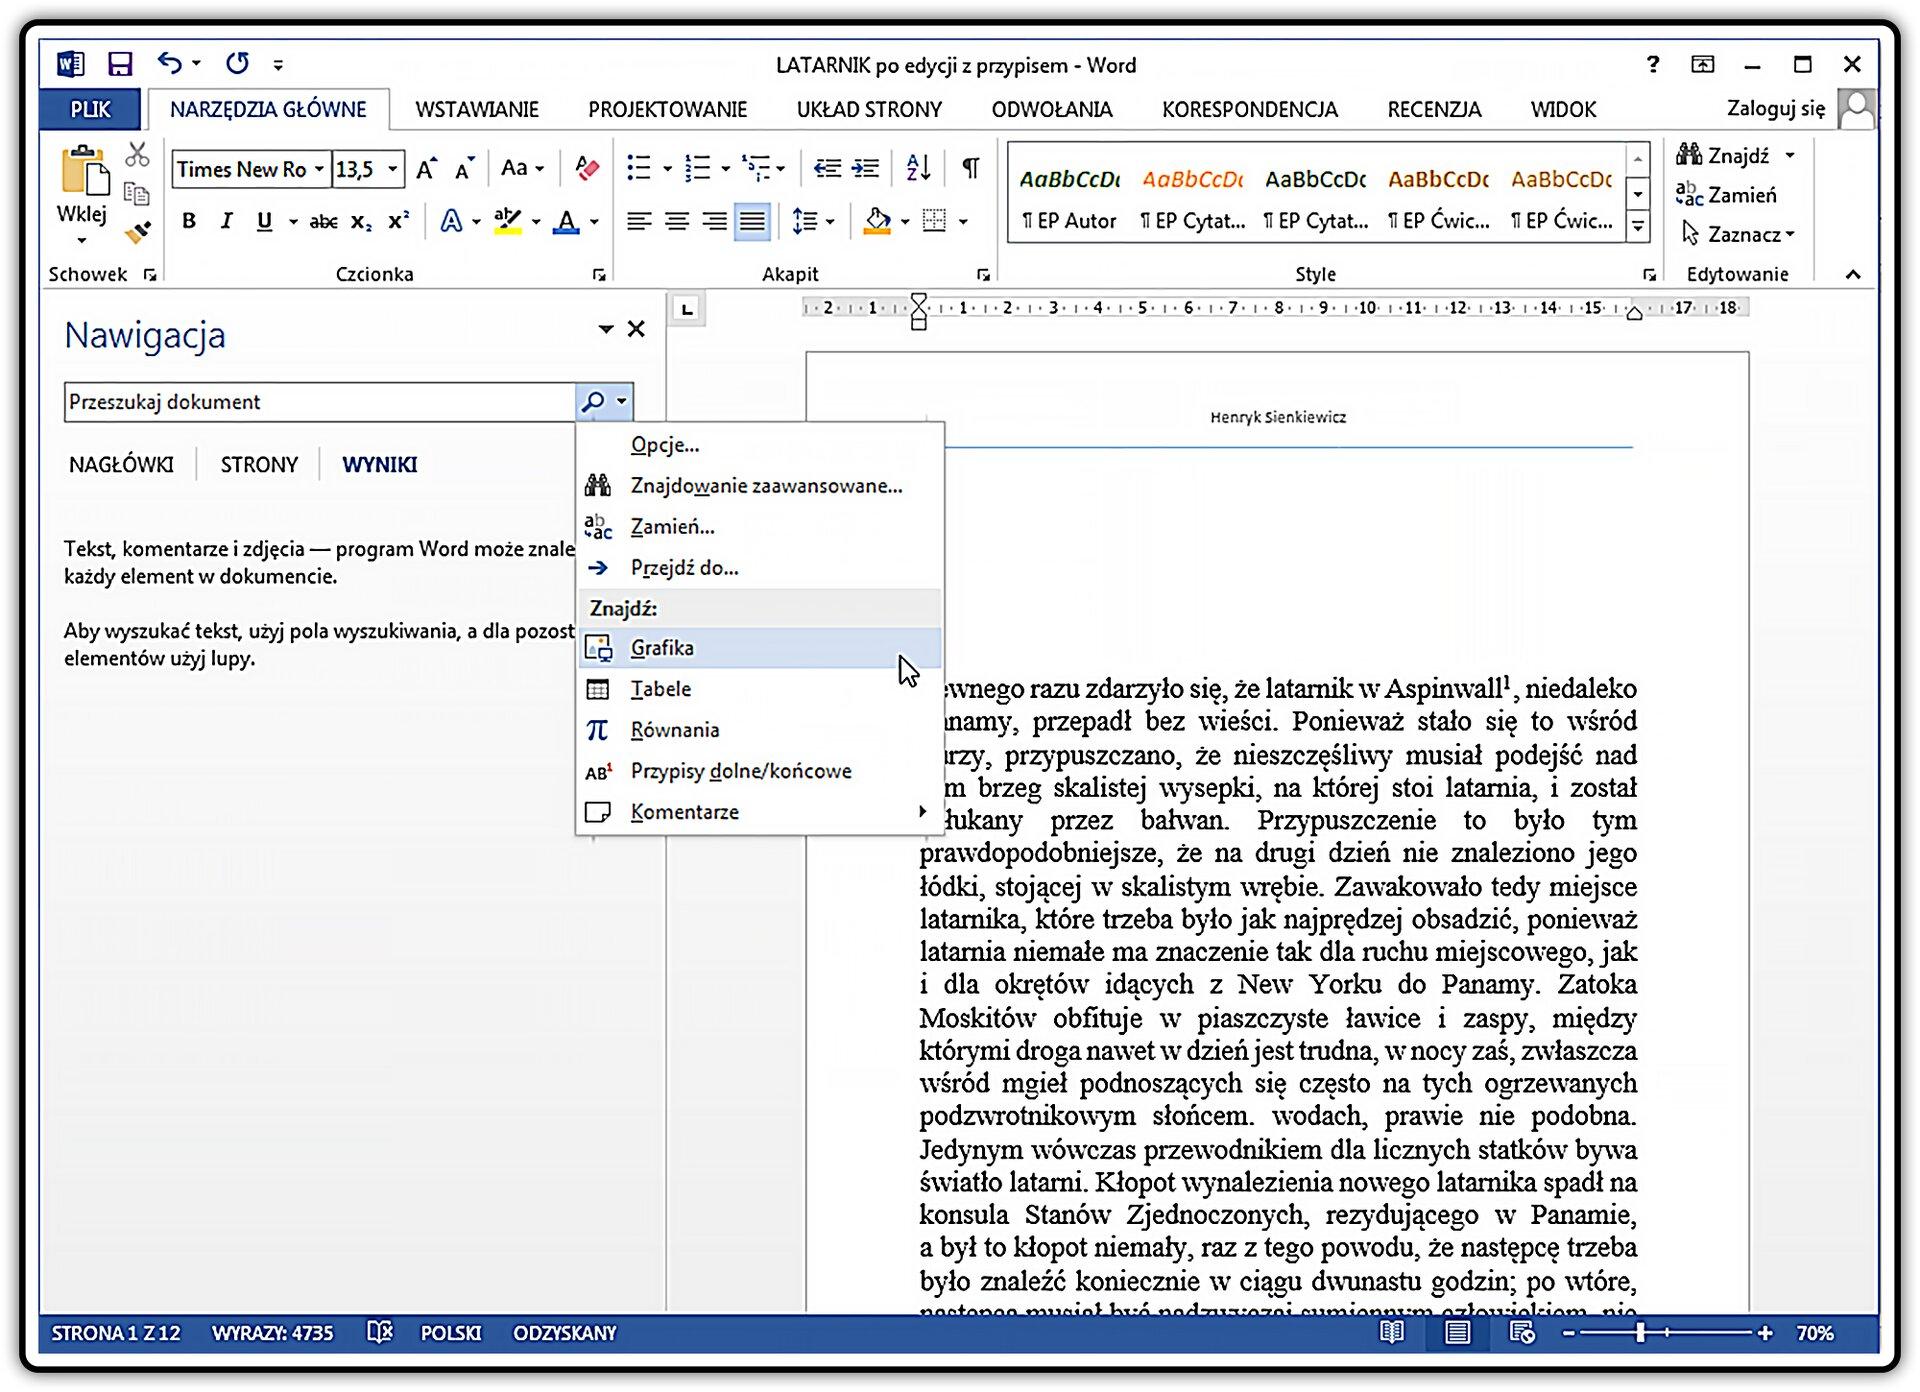 Slajd 2 galerii zrzutów okna programu MS Word zotwartym okienkiem nawigacji